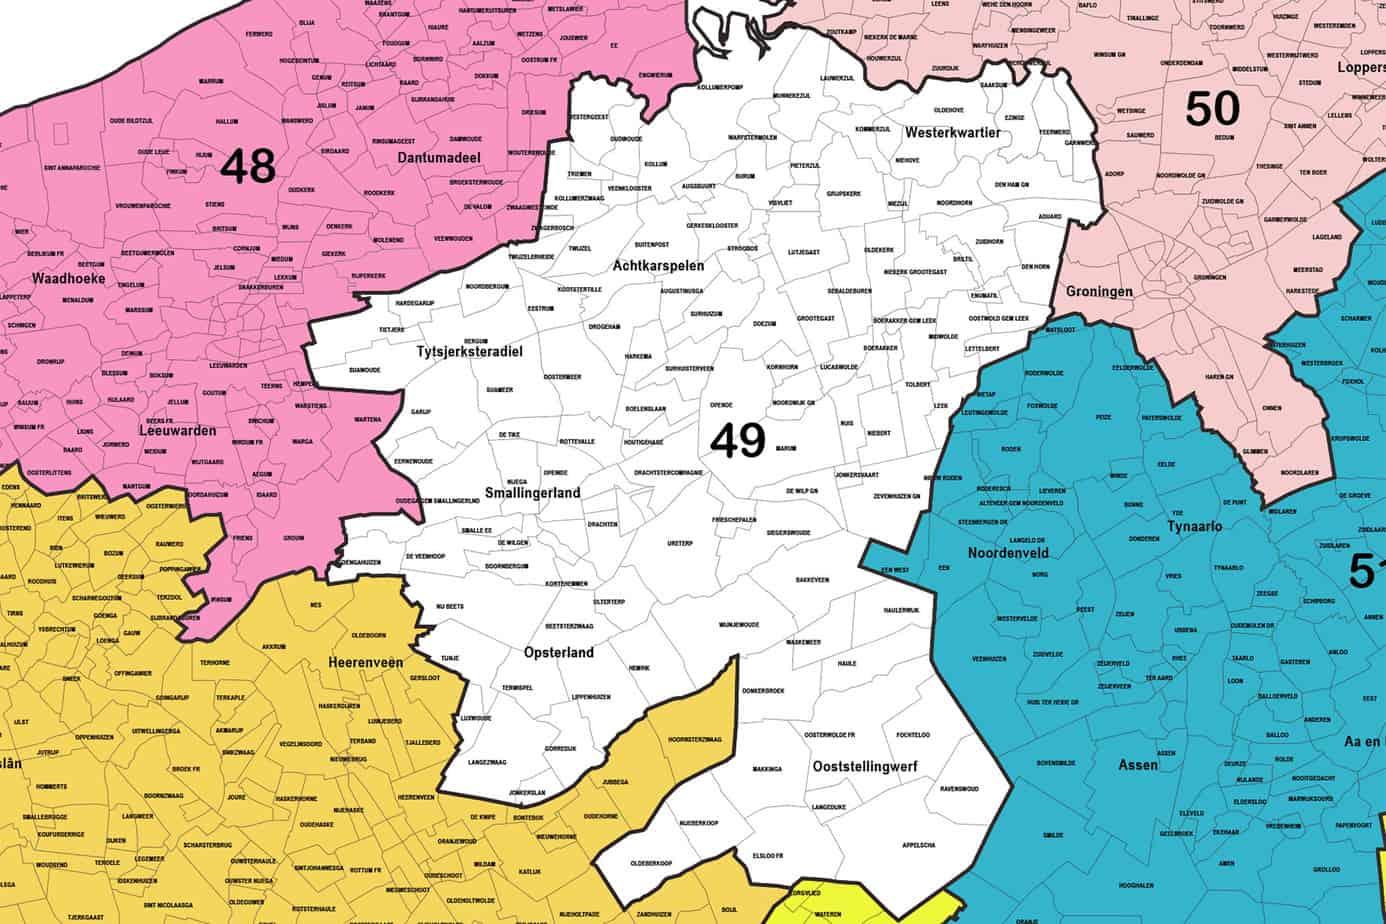 Regio 49 - Drachten